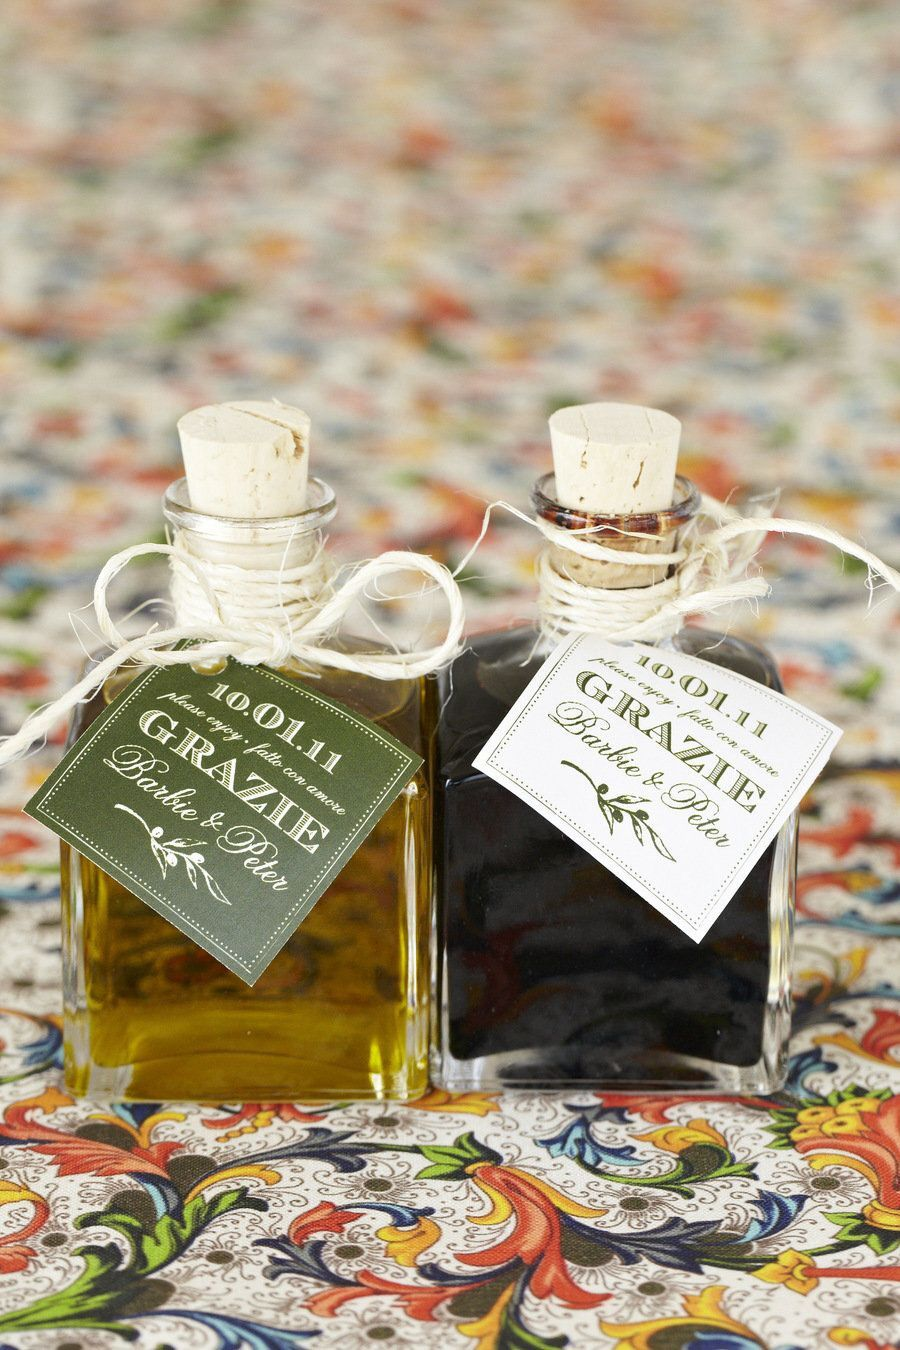 Mini Oil Vinegar Gifts Italienische Hochzeit Hochzeitsgeschenk Ideen Fur Die Hochzeit